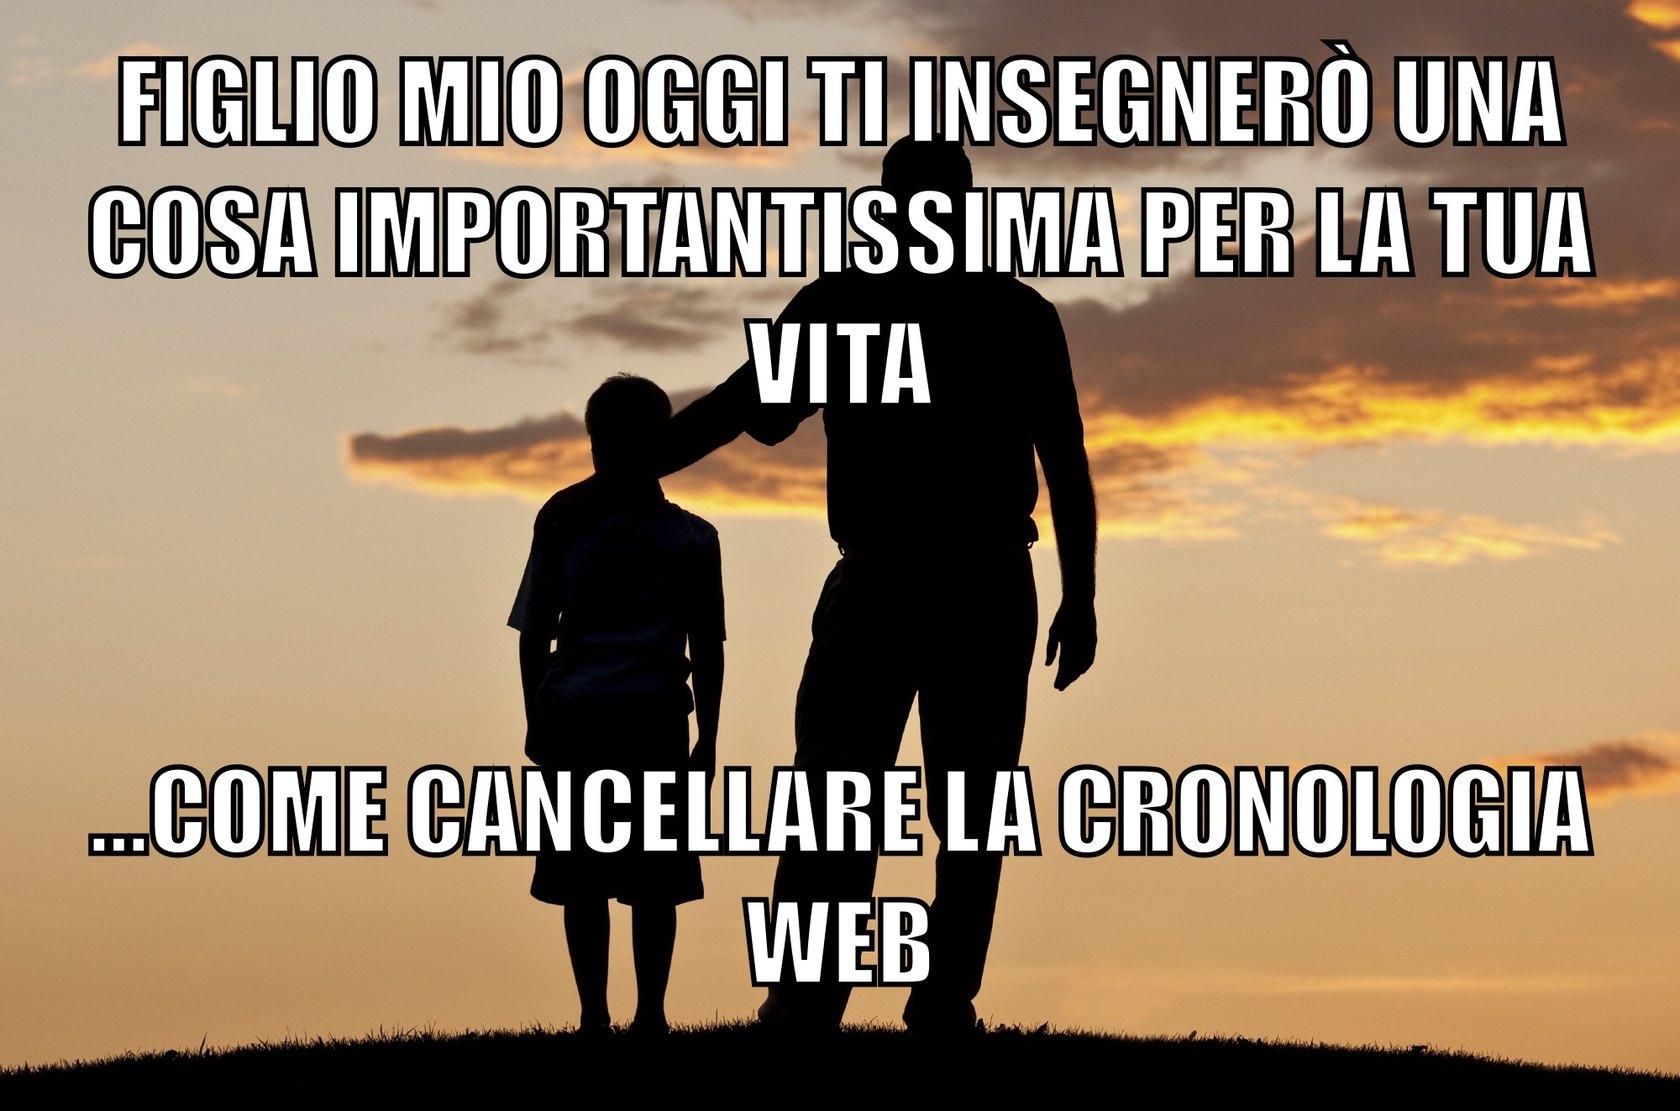 Crono - meme